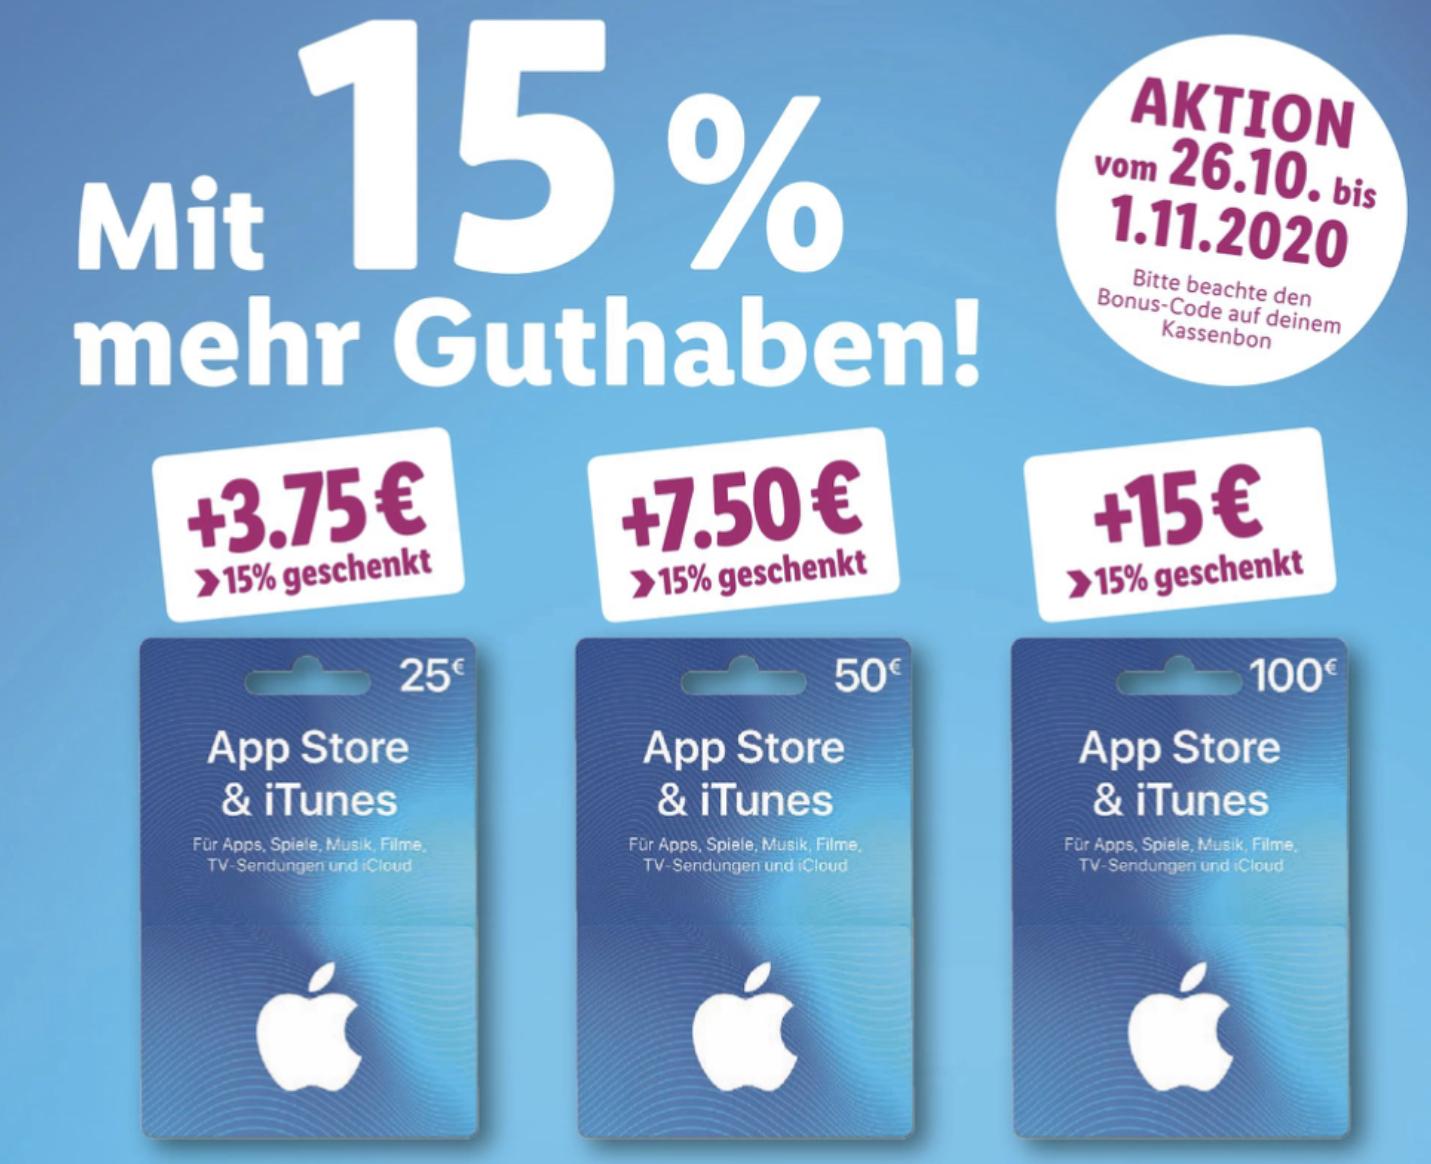 Lidl: 15% zusätzliches Guthaben für iTunes & App Store Geschenkkarten (25€, 50€ u. 100€) - ab 26.10.